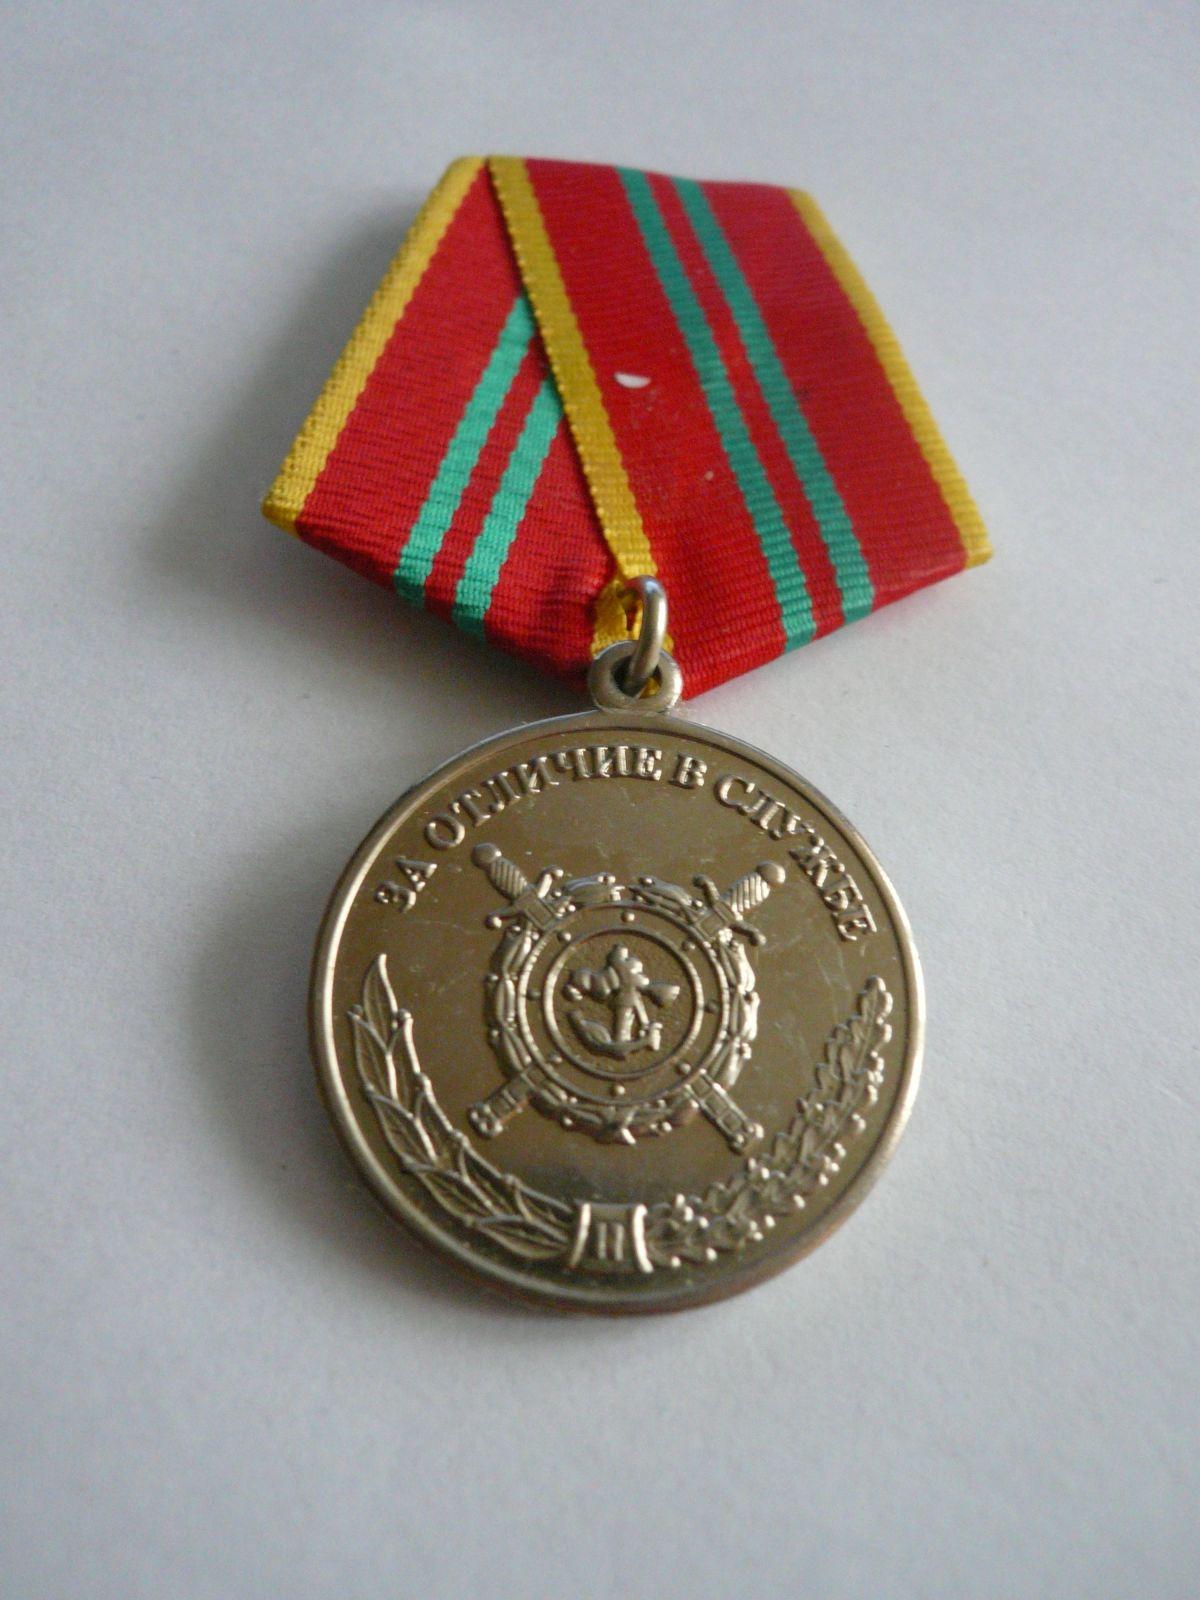 Za službu u vojenského min. vnitra II.tř. Rusko